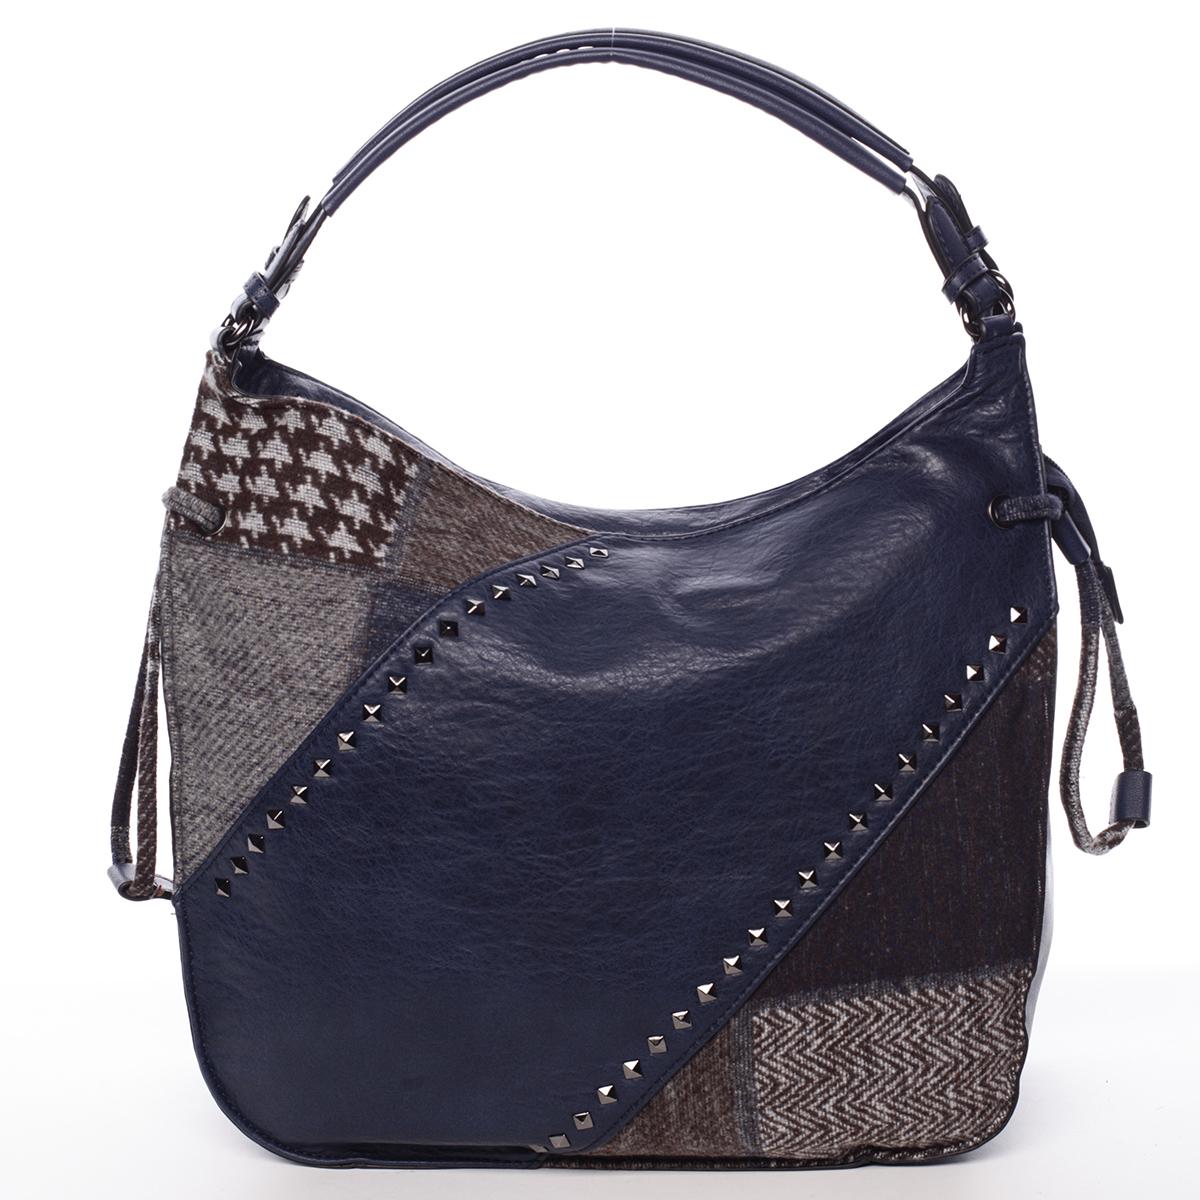 Moderní dámská kabelka modrá - MARIA C Sarai